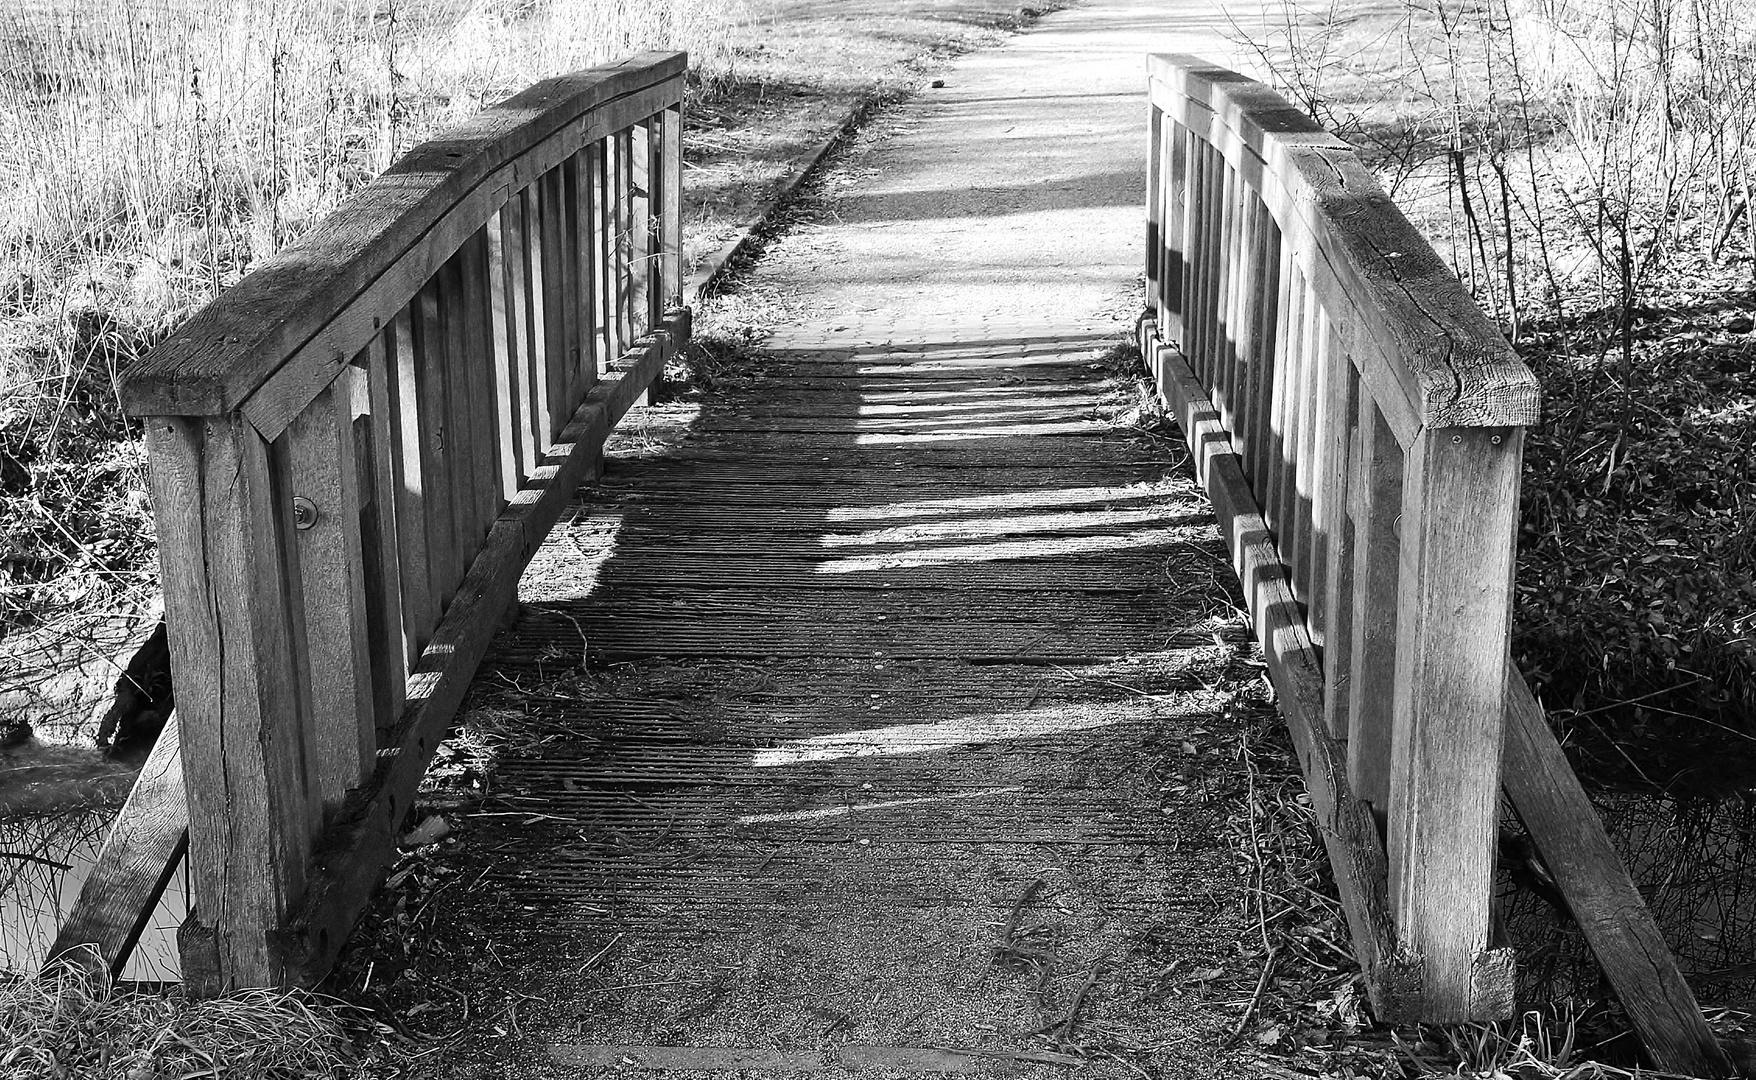 über 7 Brücken musst du geh'n